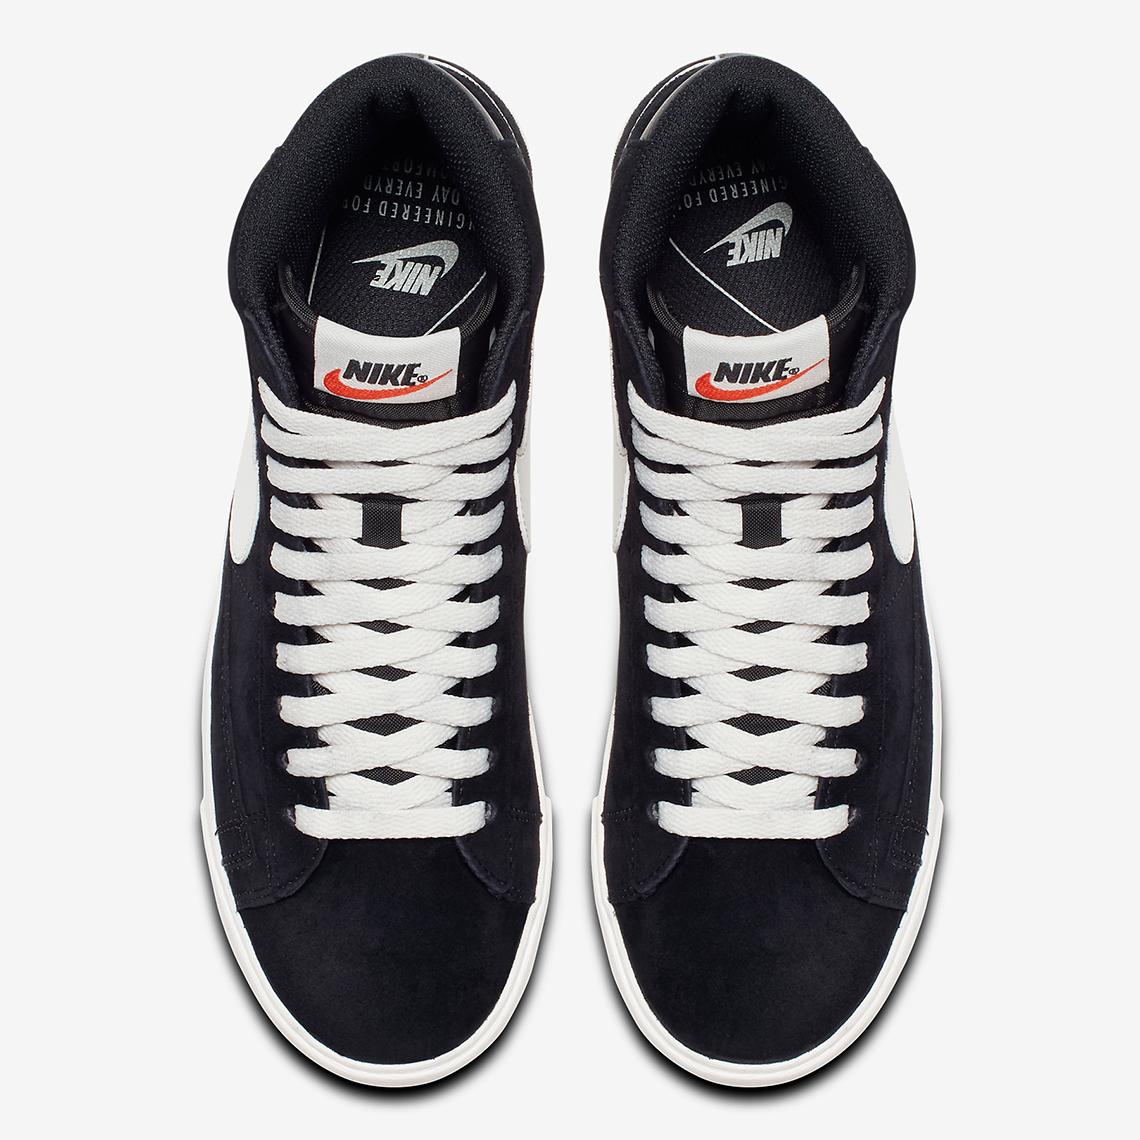 Nike Blazer Mid Black Suede AV9376 001 Release Info